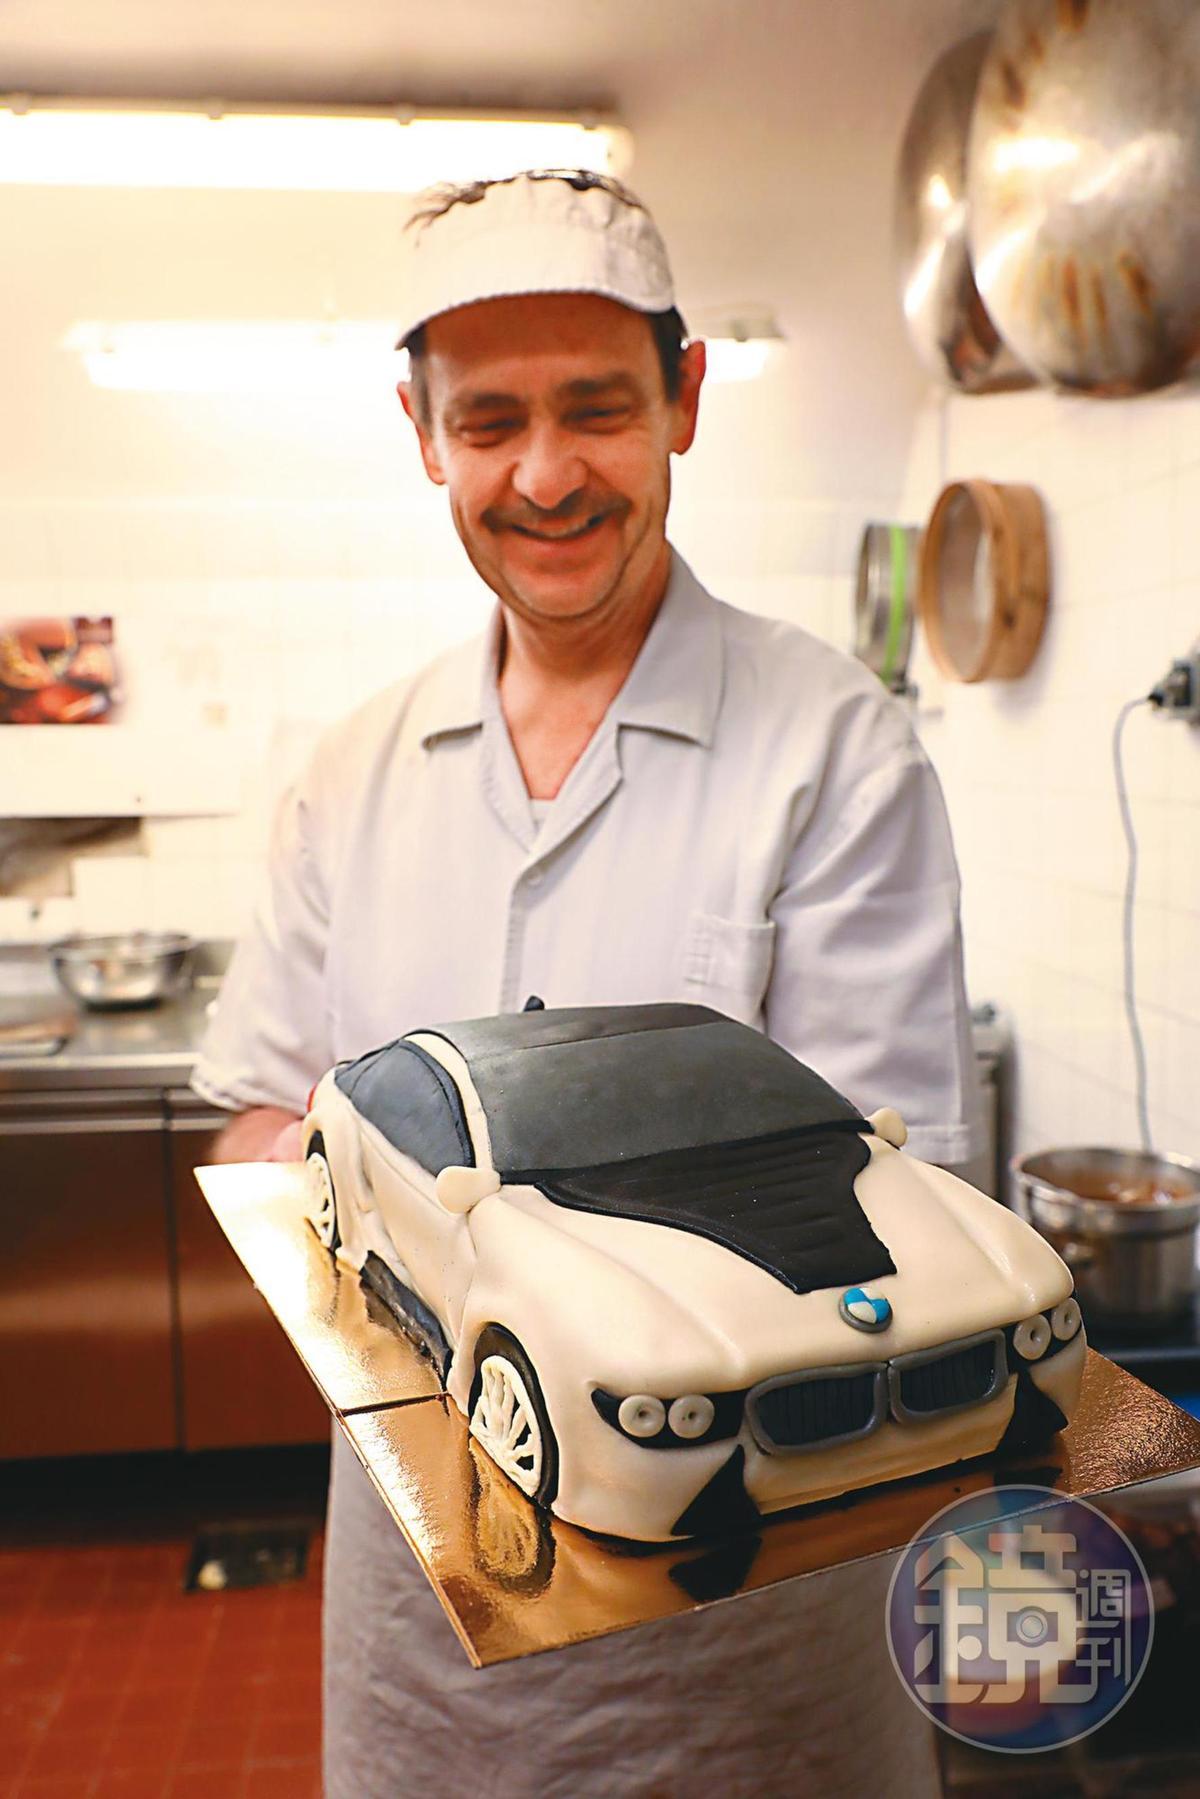 來到後廚參觀,甜點師傅驕傲端出更大更逼真的翻糖蛋糕。